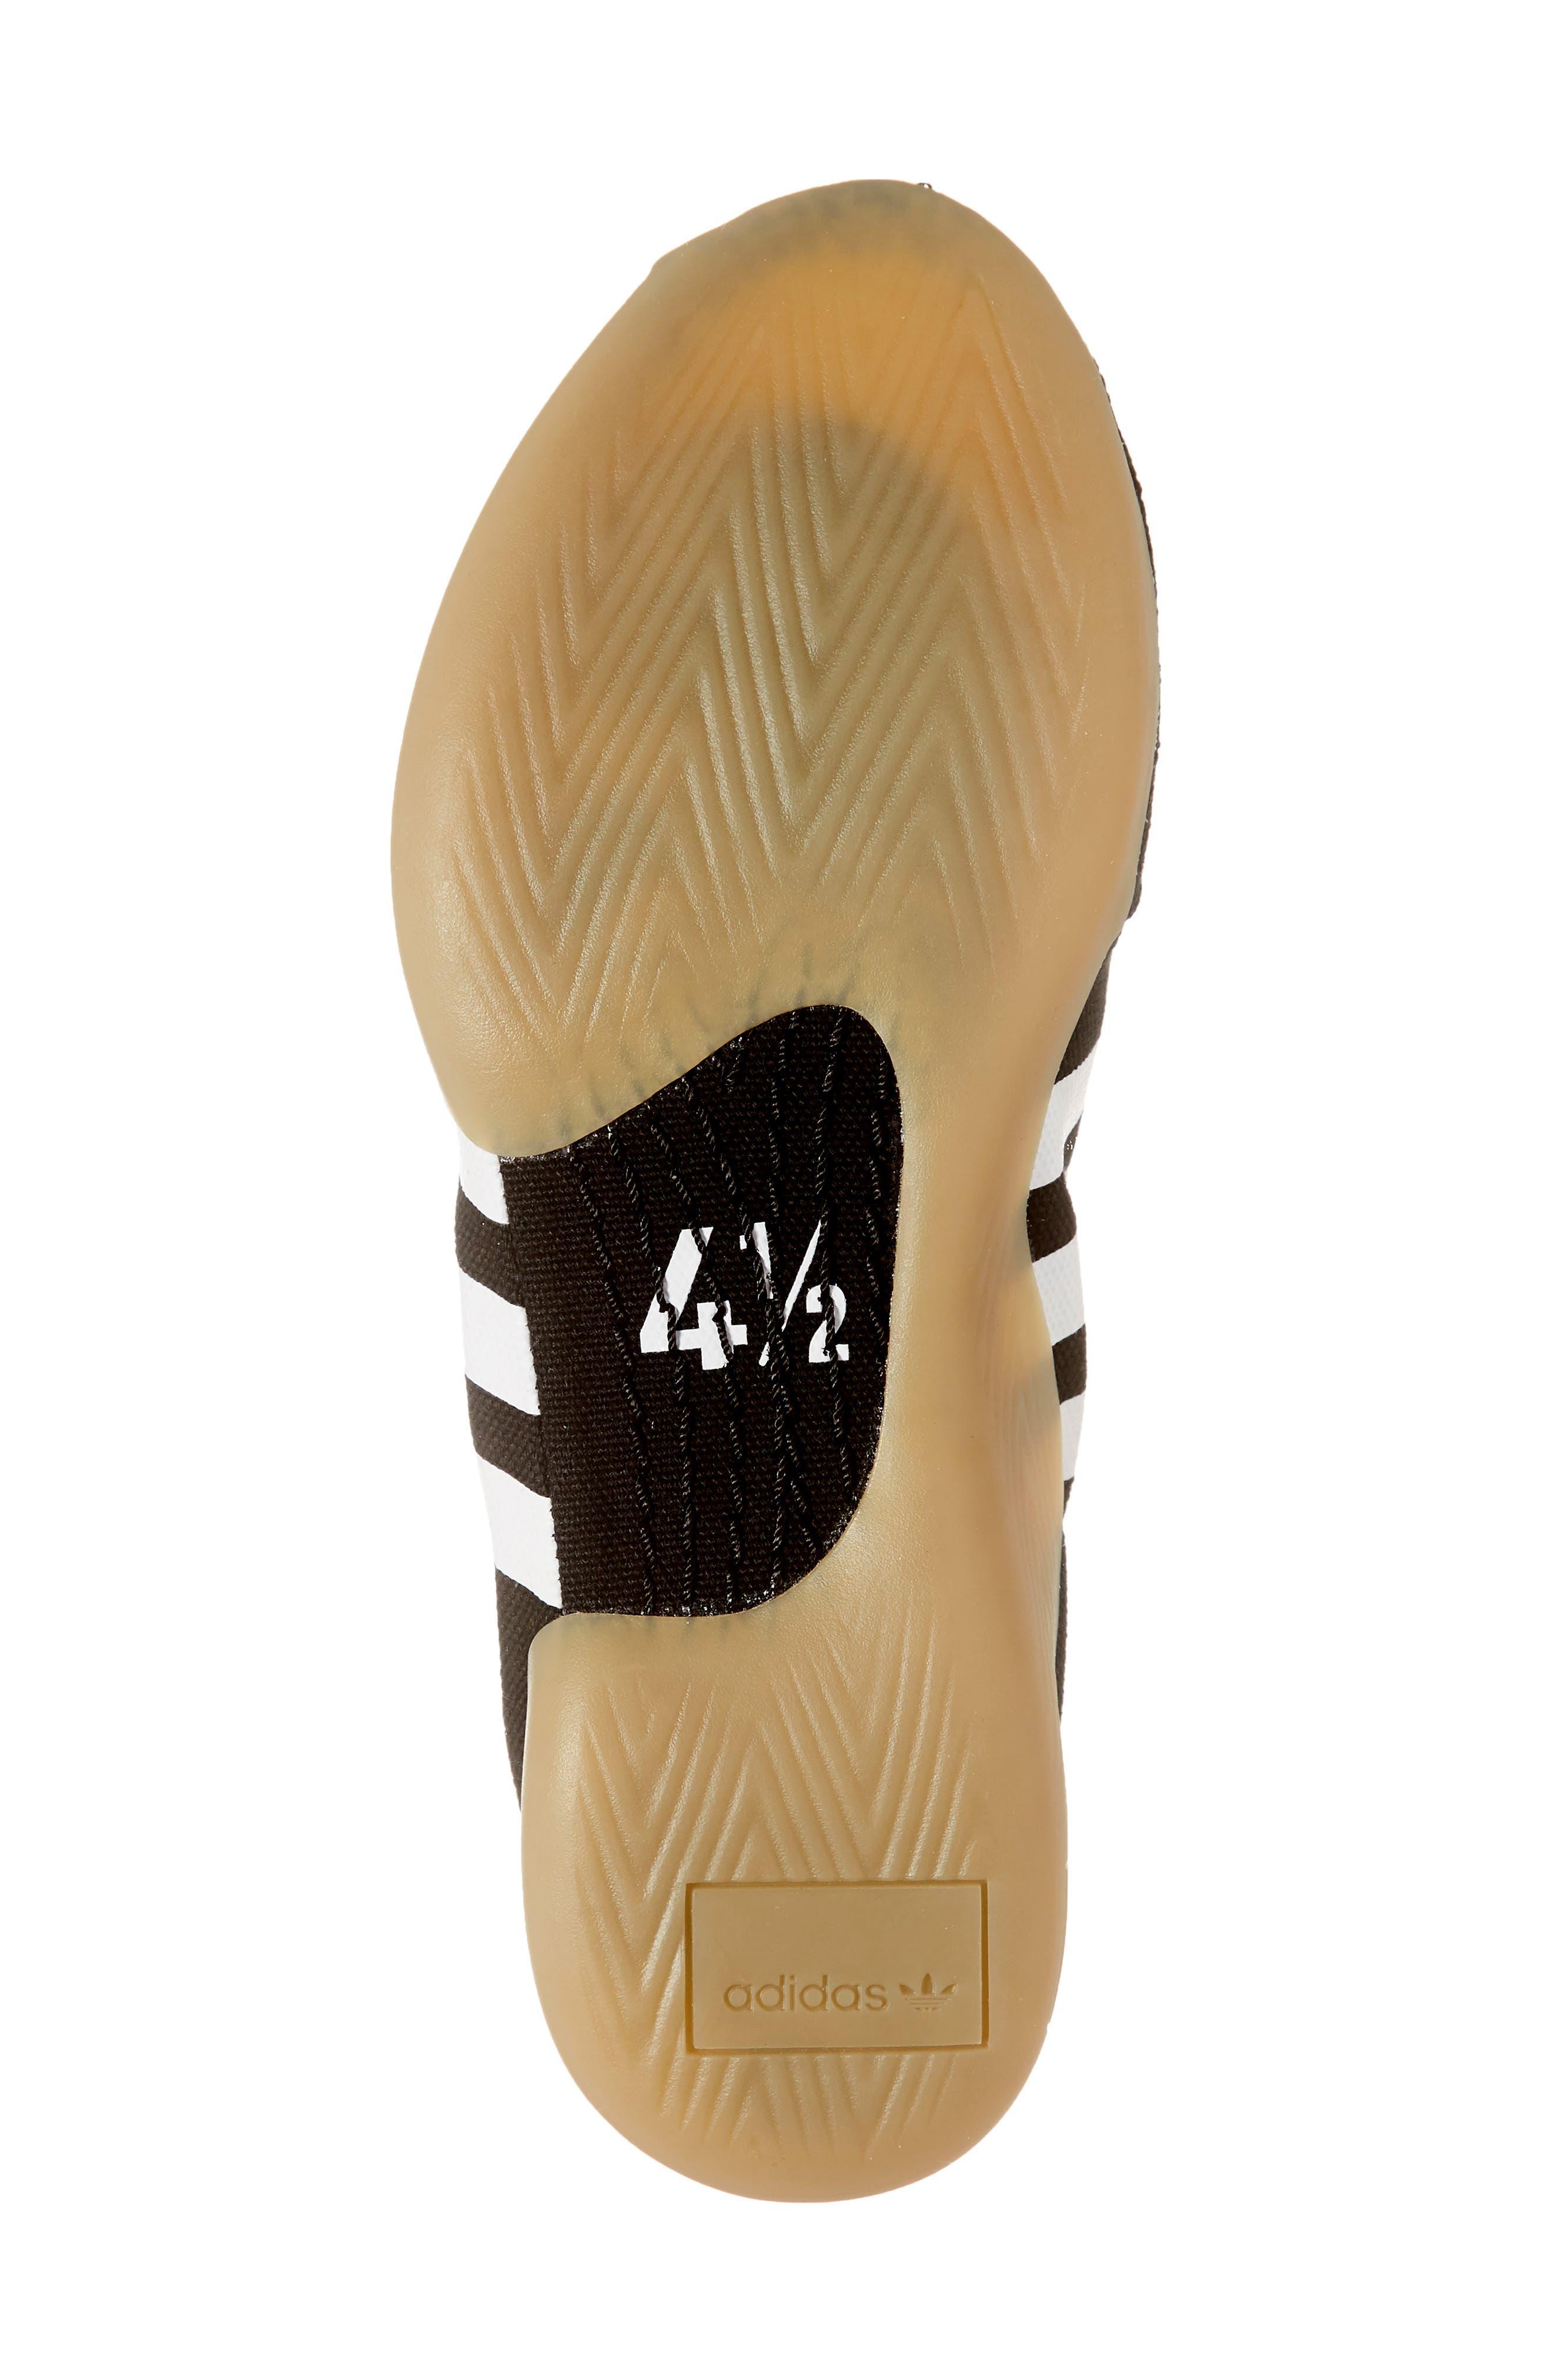 Taekwondo Slip-On Sneaker,                             Alternate thumbnail 6, color,                             CORE BLACK/ WHITE/ GUM 3